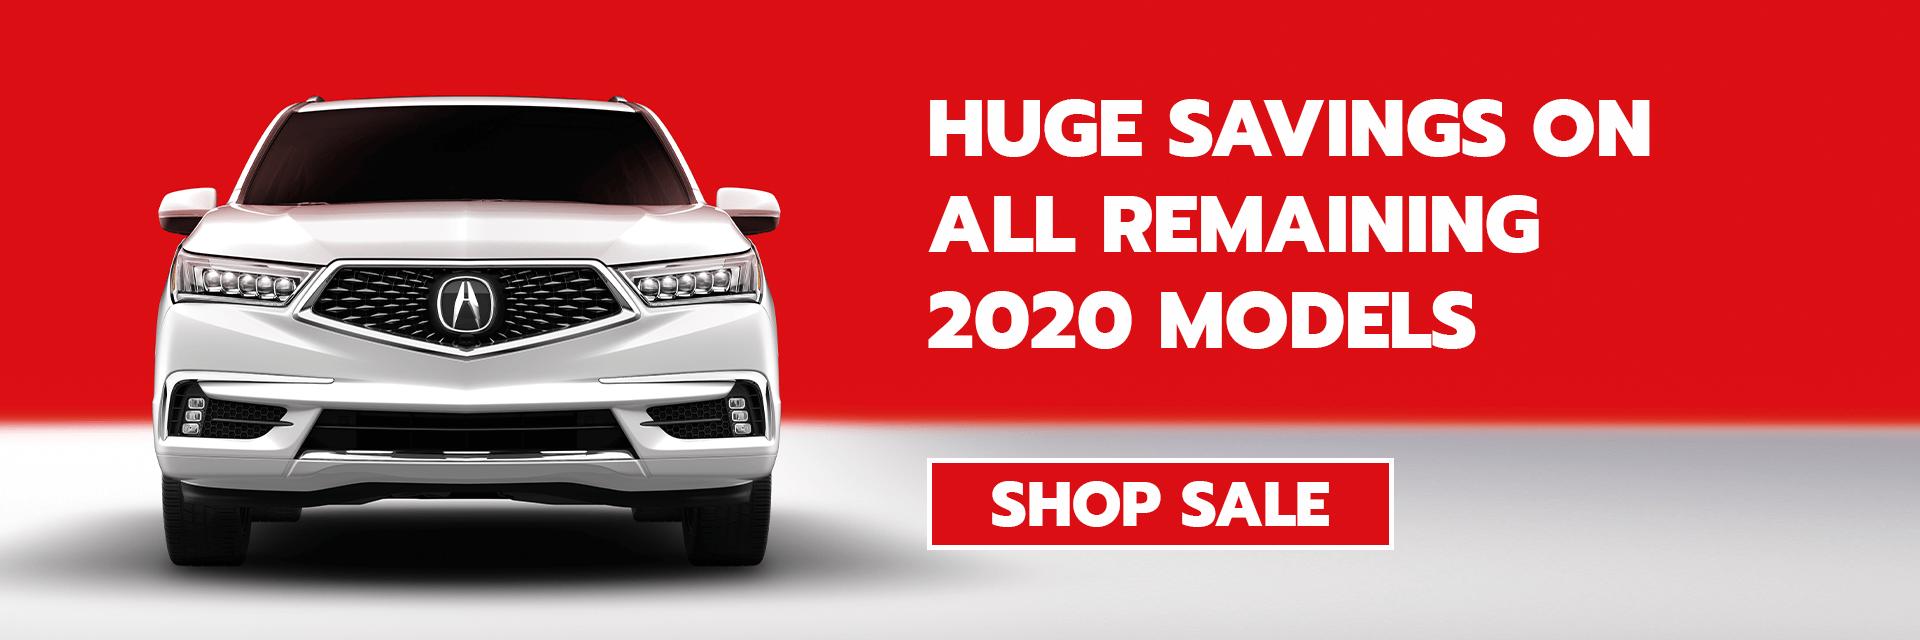 2020 Acura Sale St Louis Acura Dealer Specials